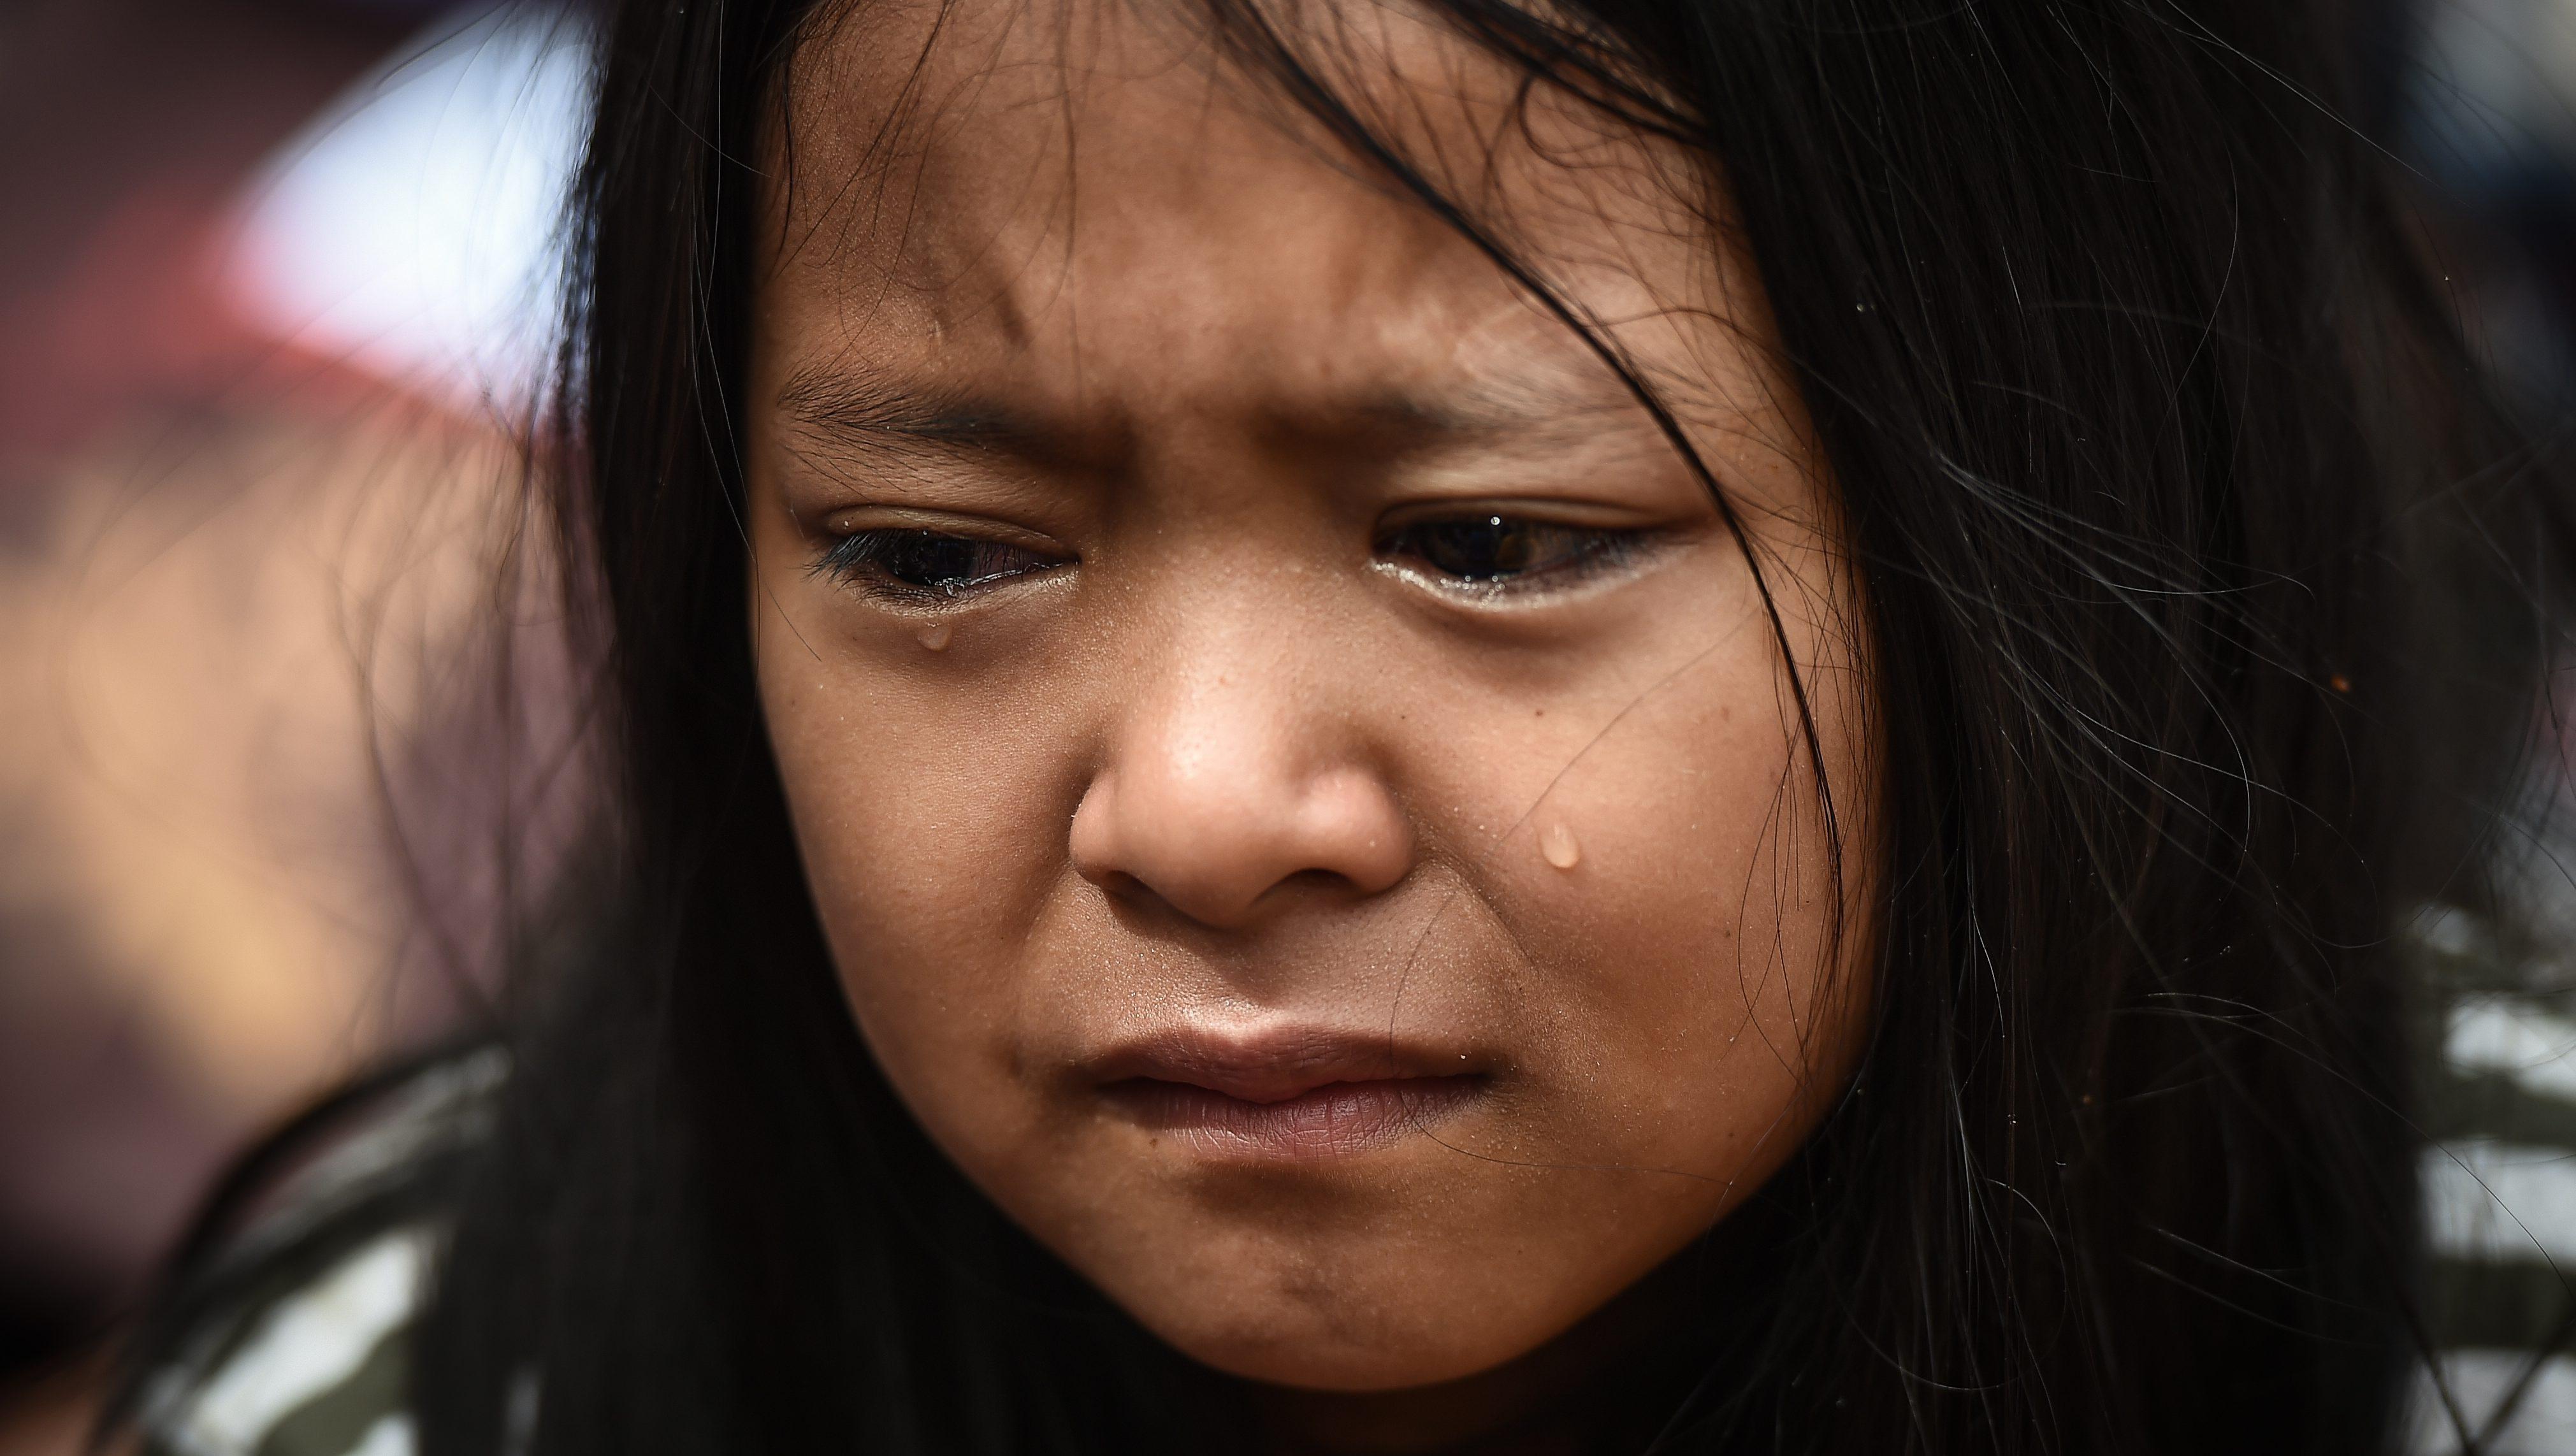 Crying Thai child